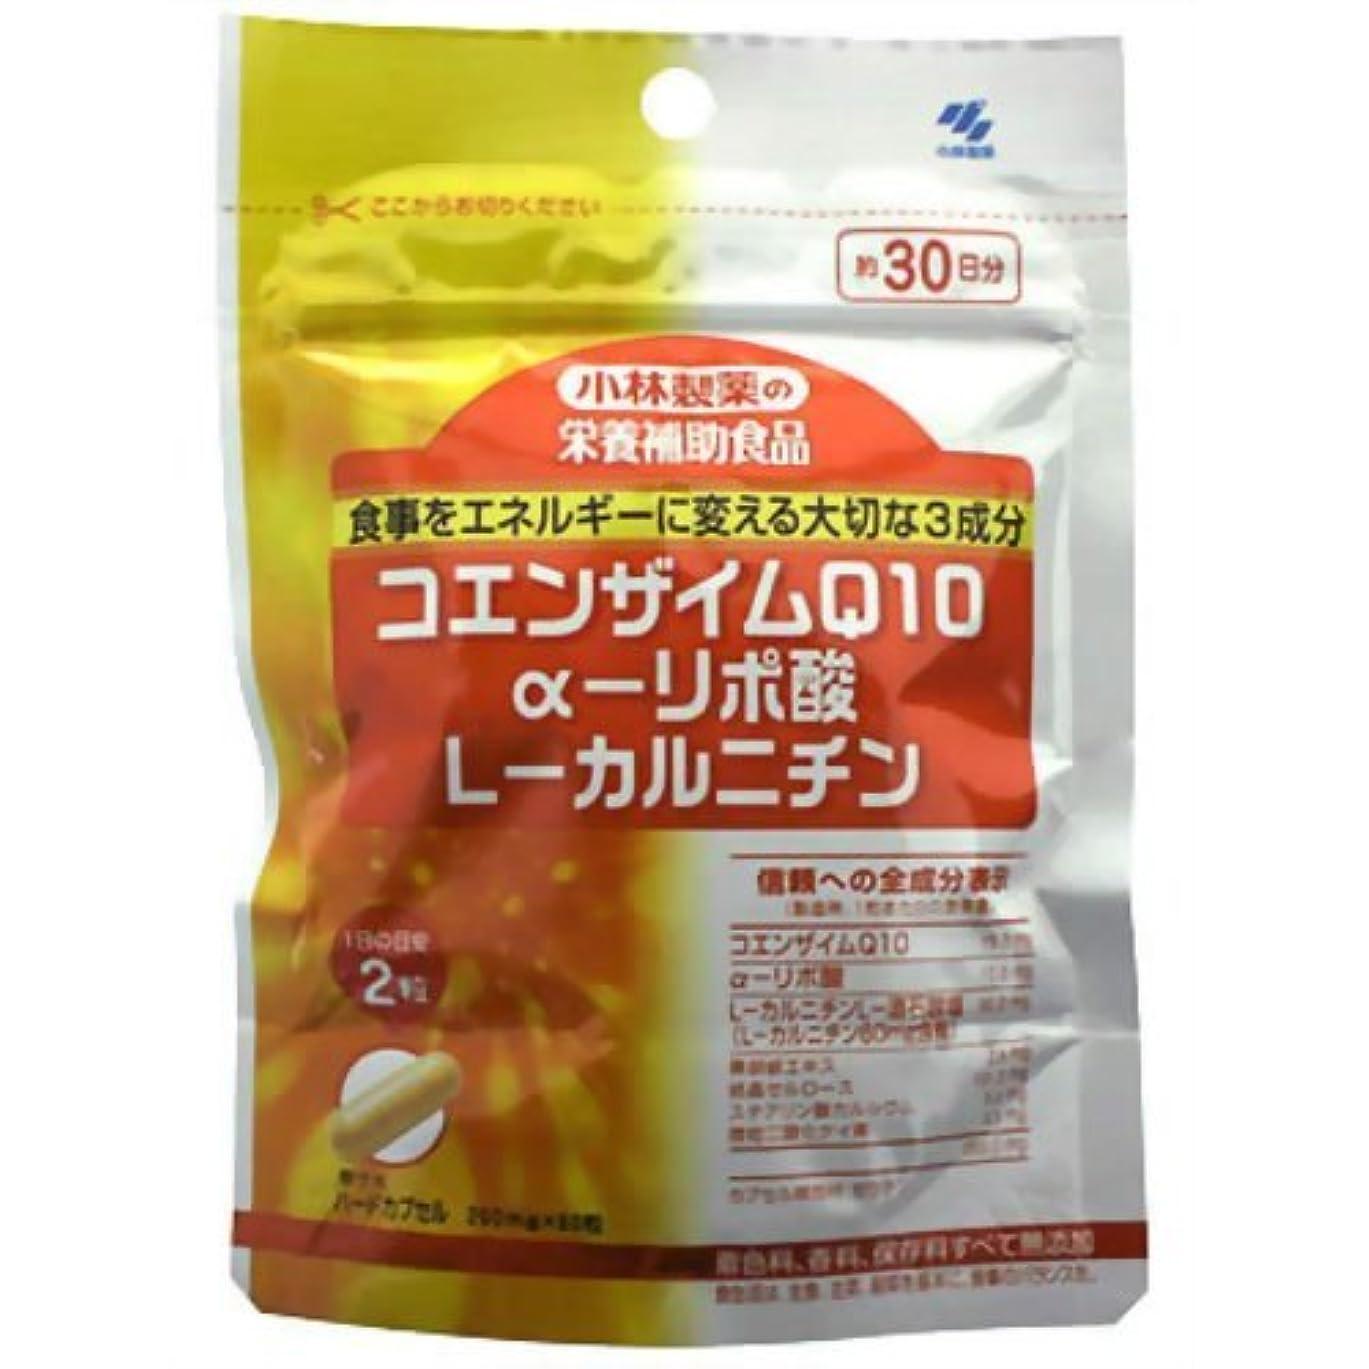 レンチ抗生物質酸化する小林製薬の栄養補助食品 CoQ10+αリポ酸+Lカルニチン 60粒